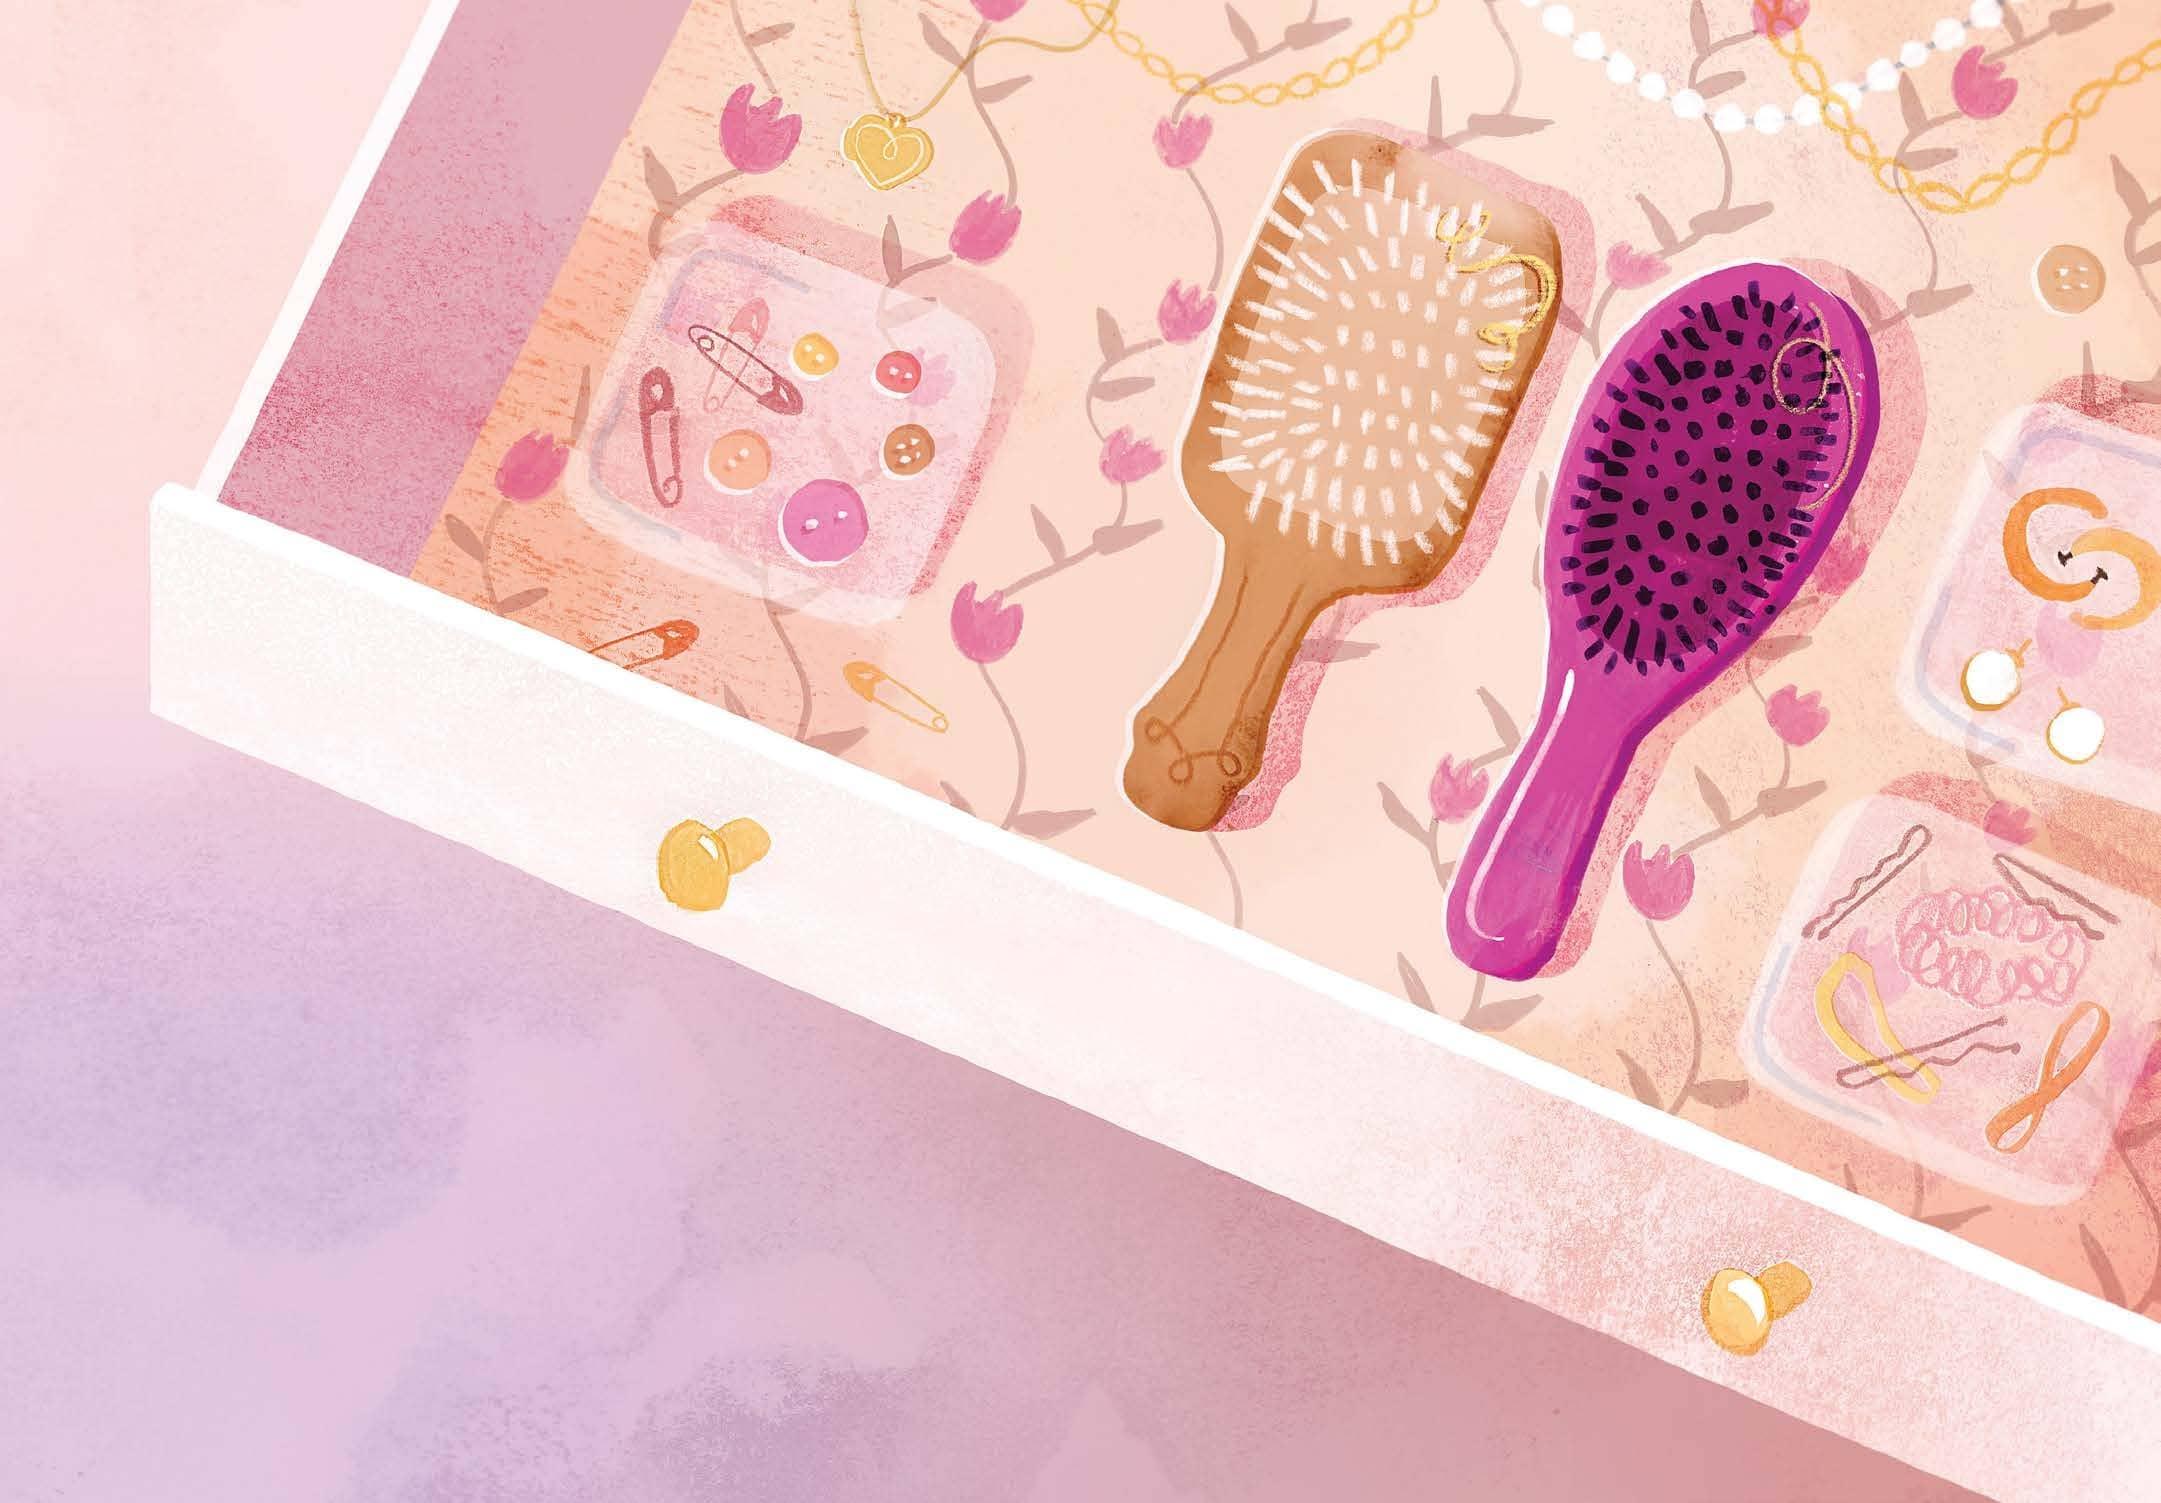 The Hairbrush